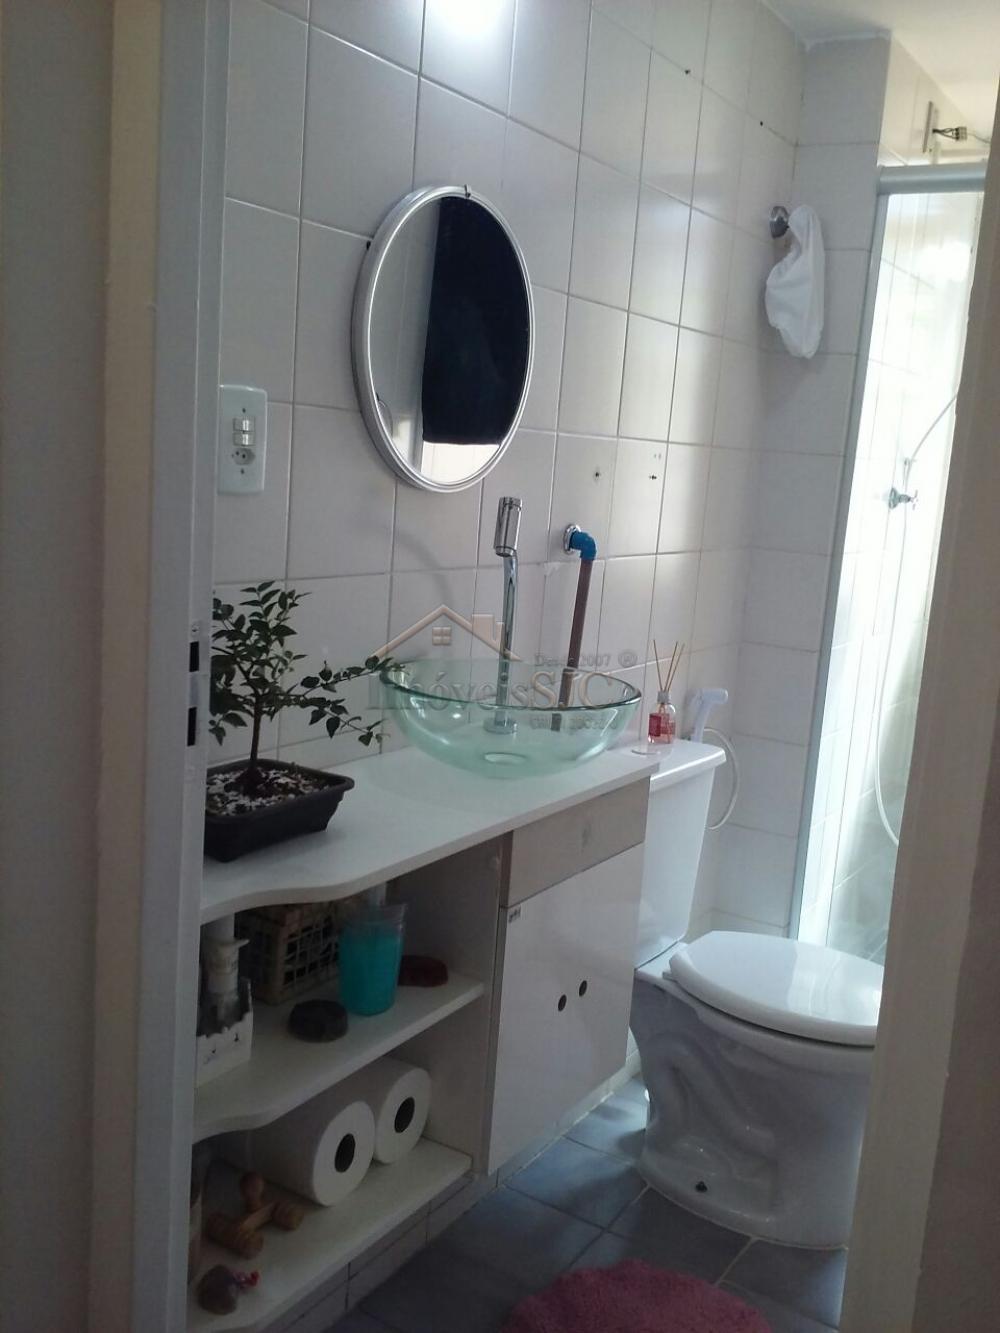 Comprar Apartamentos / Padrão em São José dos Campos apenas R$ 150.000,00 - Foto 5